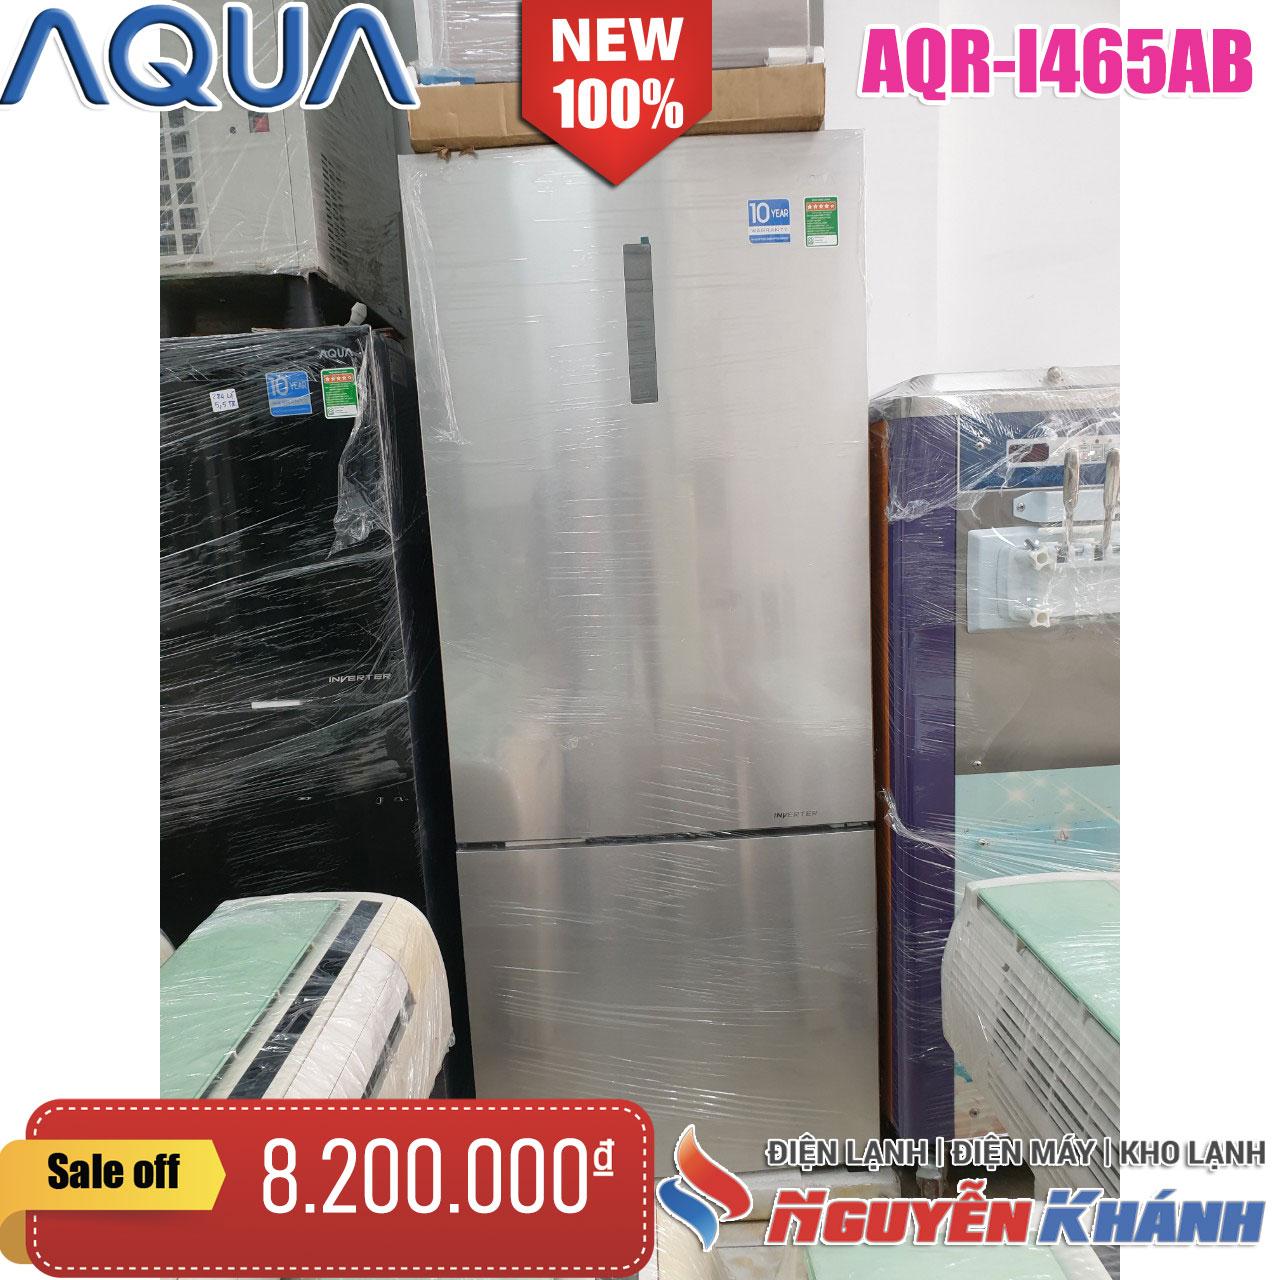 Tủ lạnh Aqua 455 lít AQR-I465AB